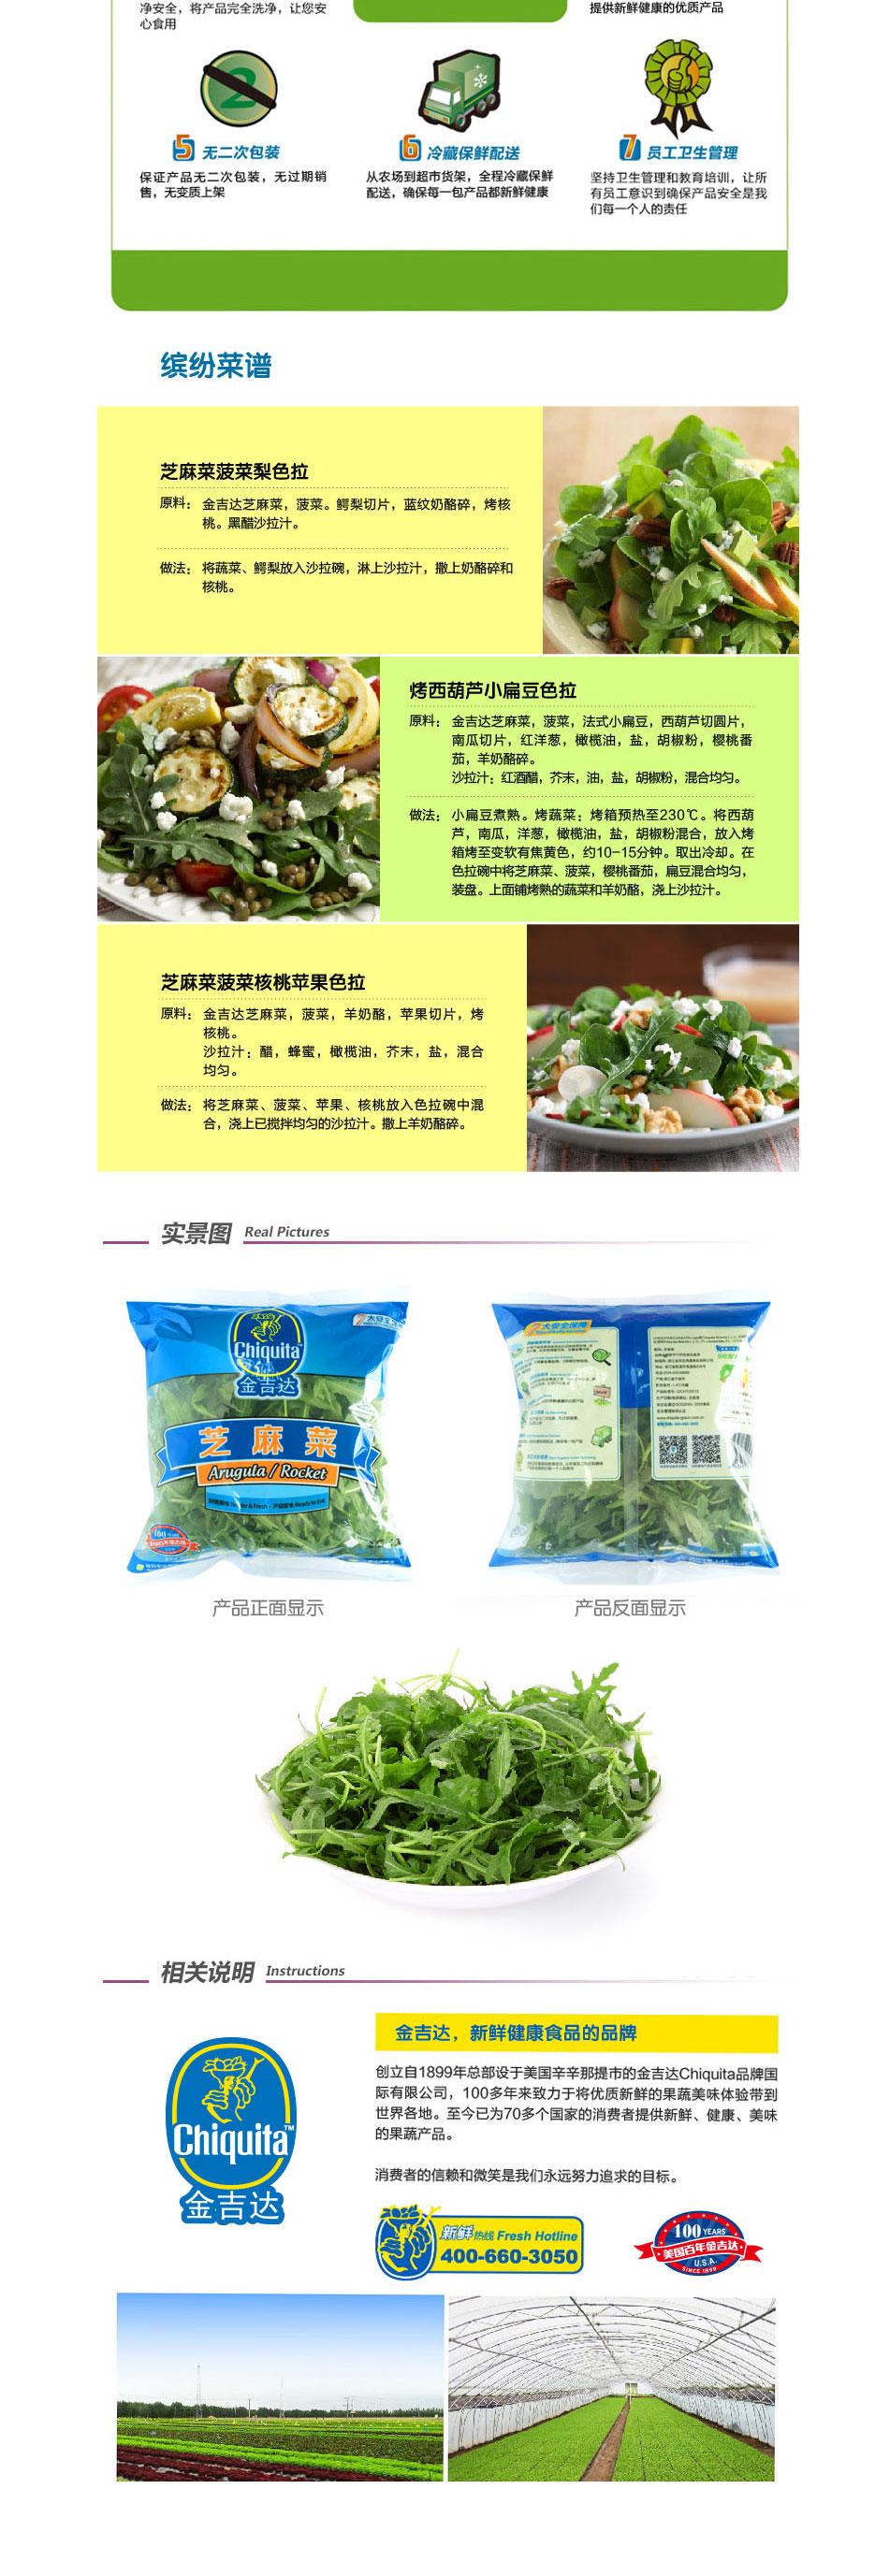 金吉达芝麻菜100g/袋评价